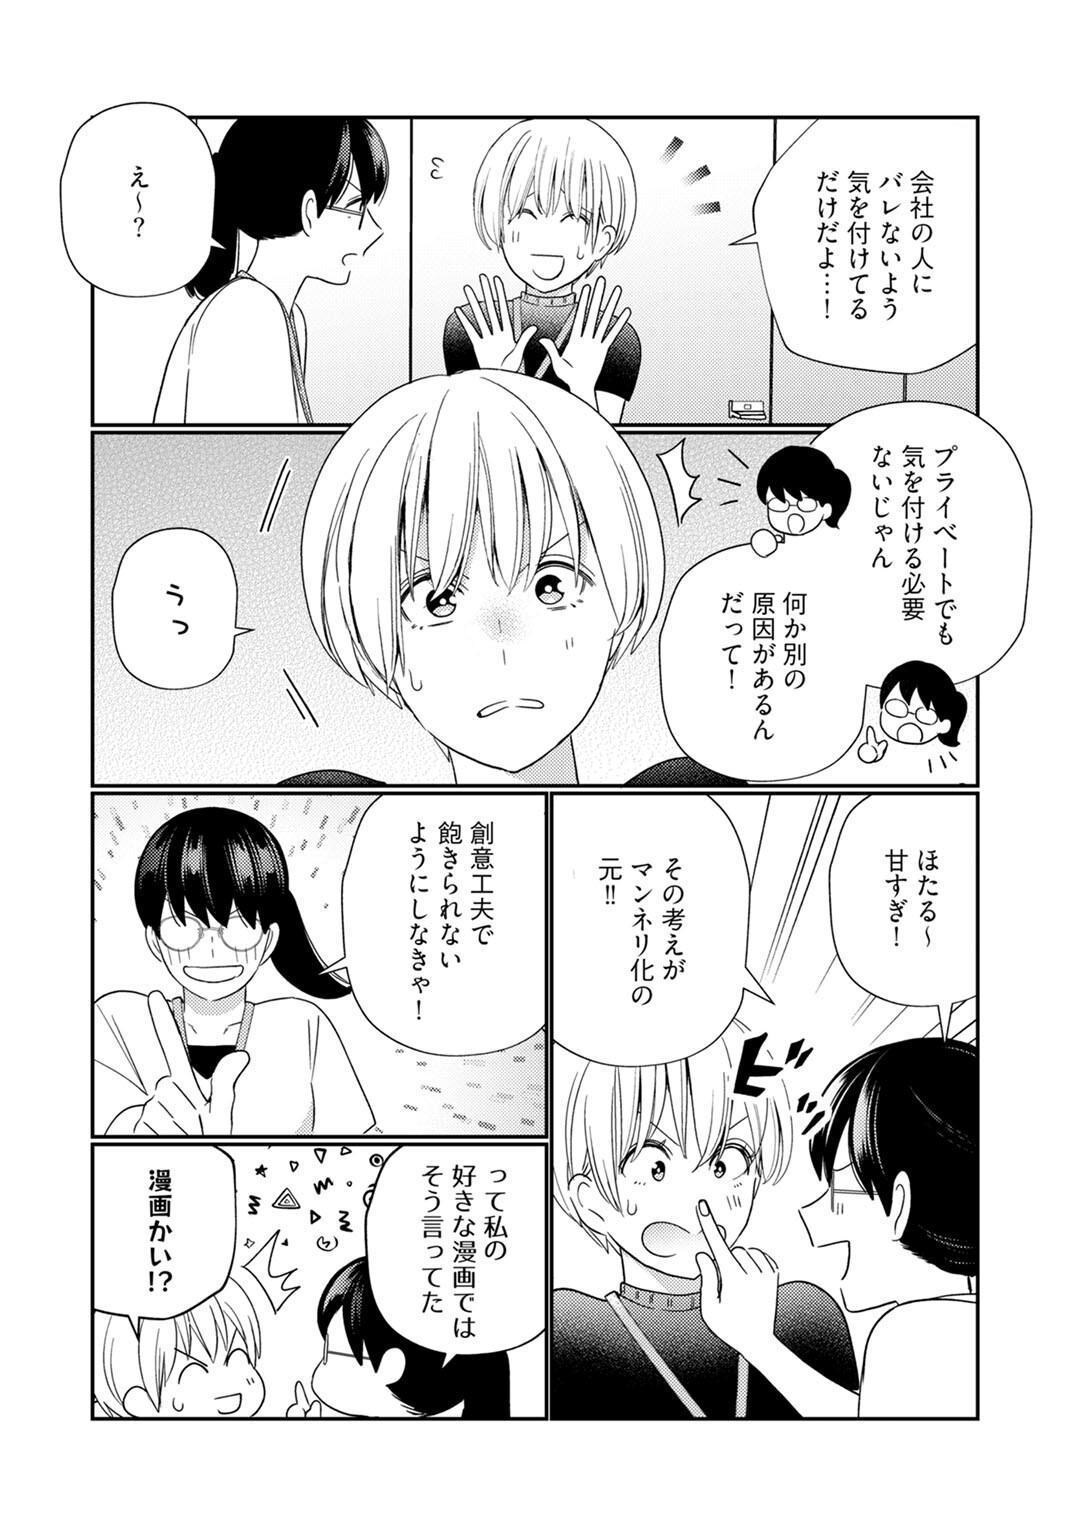 [Okonogi Happa] Kyonyuu-chan to Kyokon Joushi -Kaisha de Musabori Sex- act. 7 11